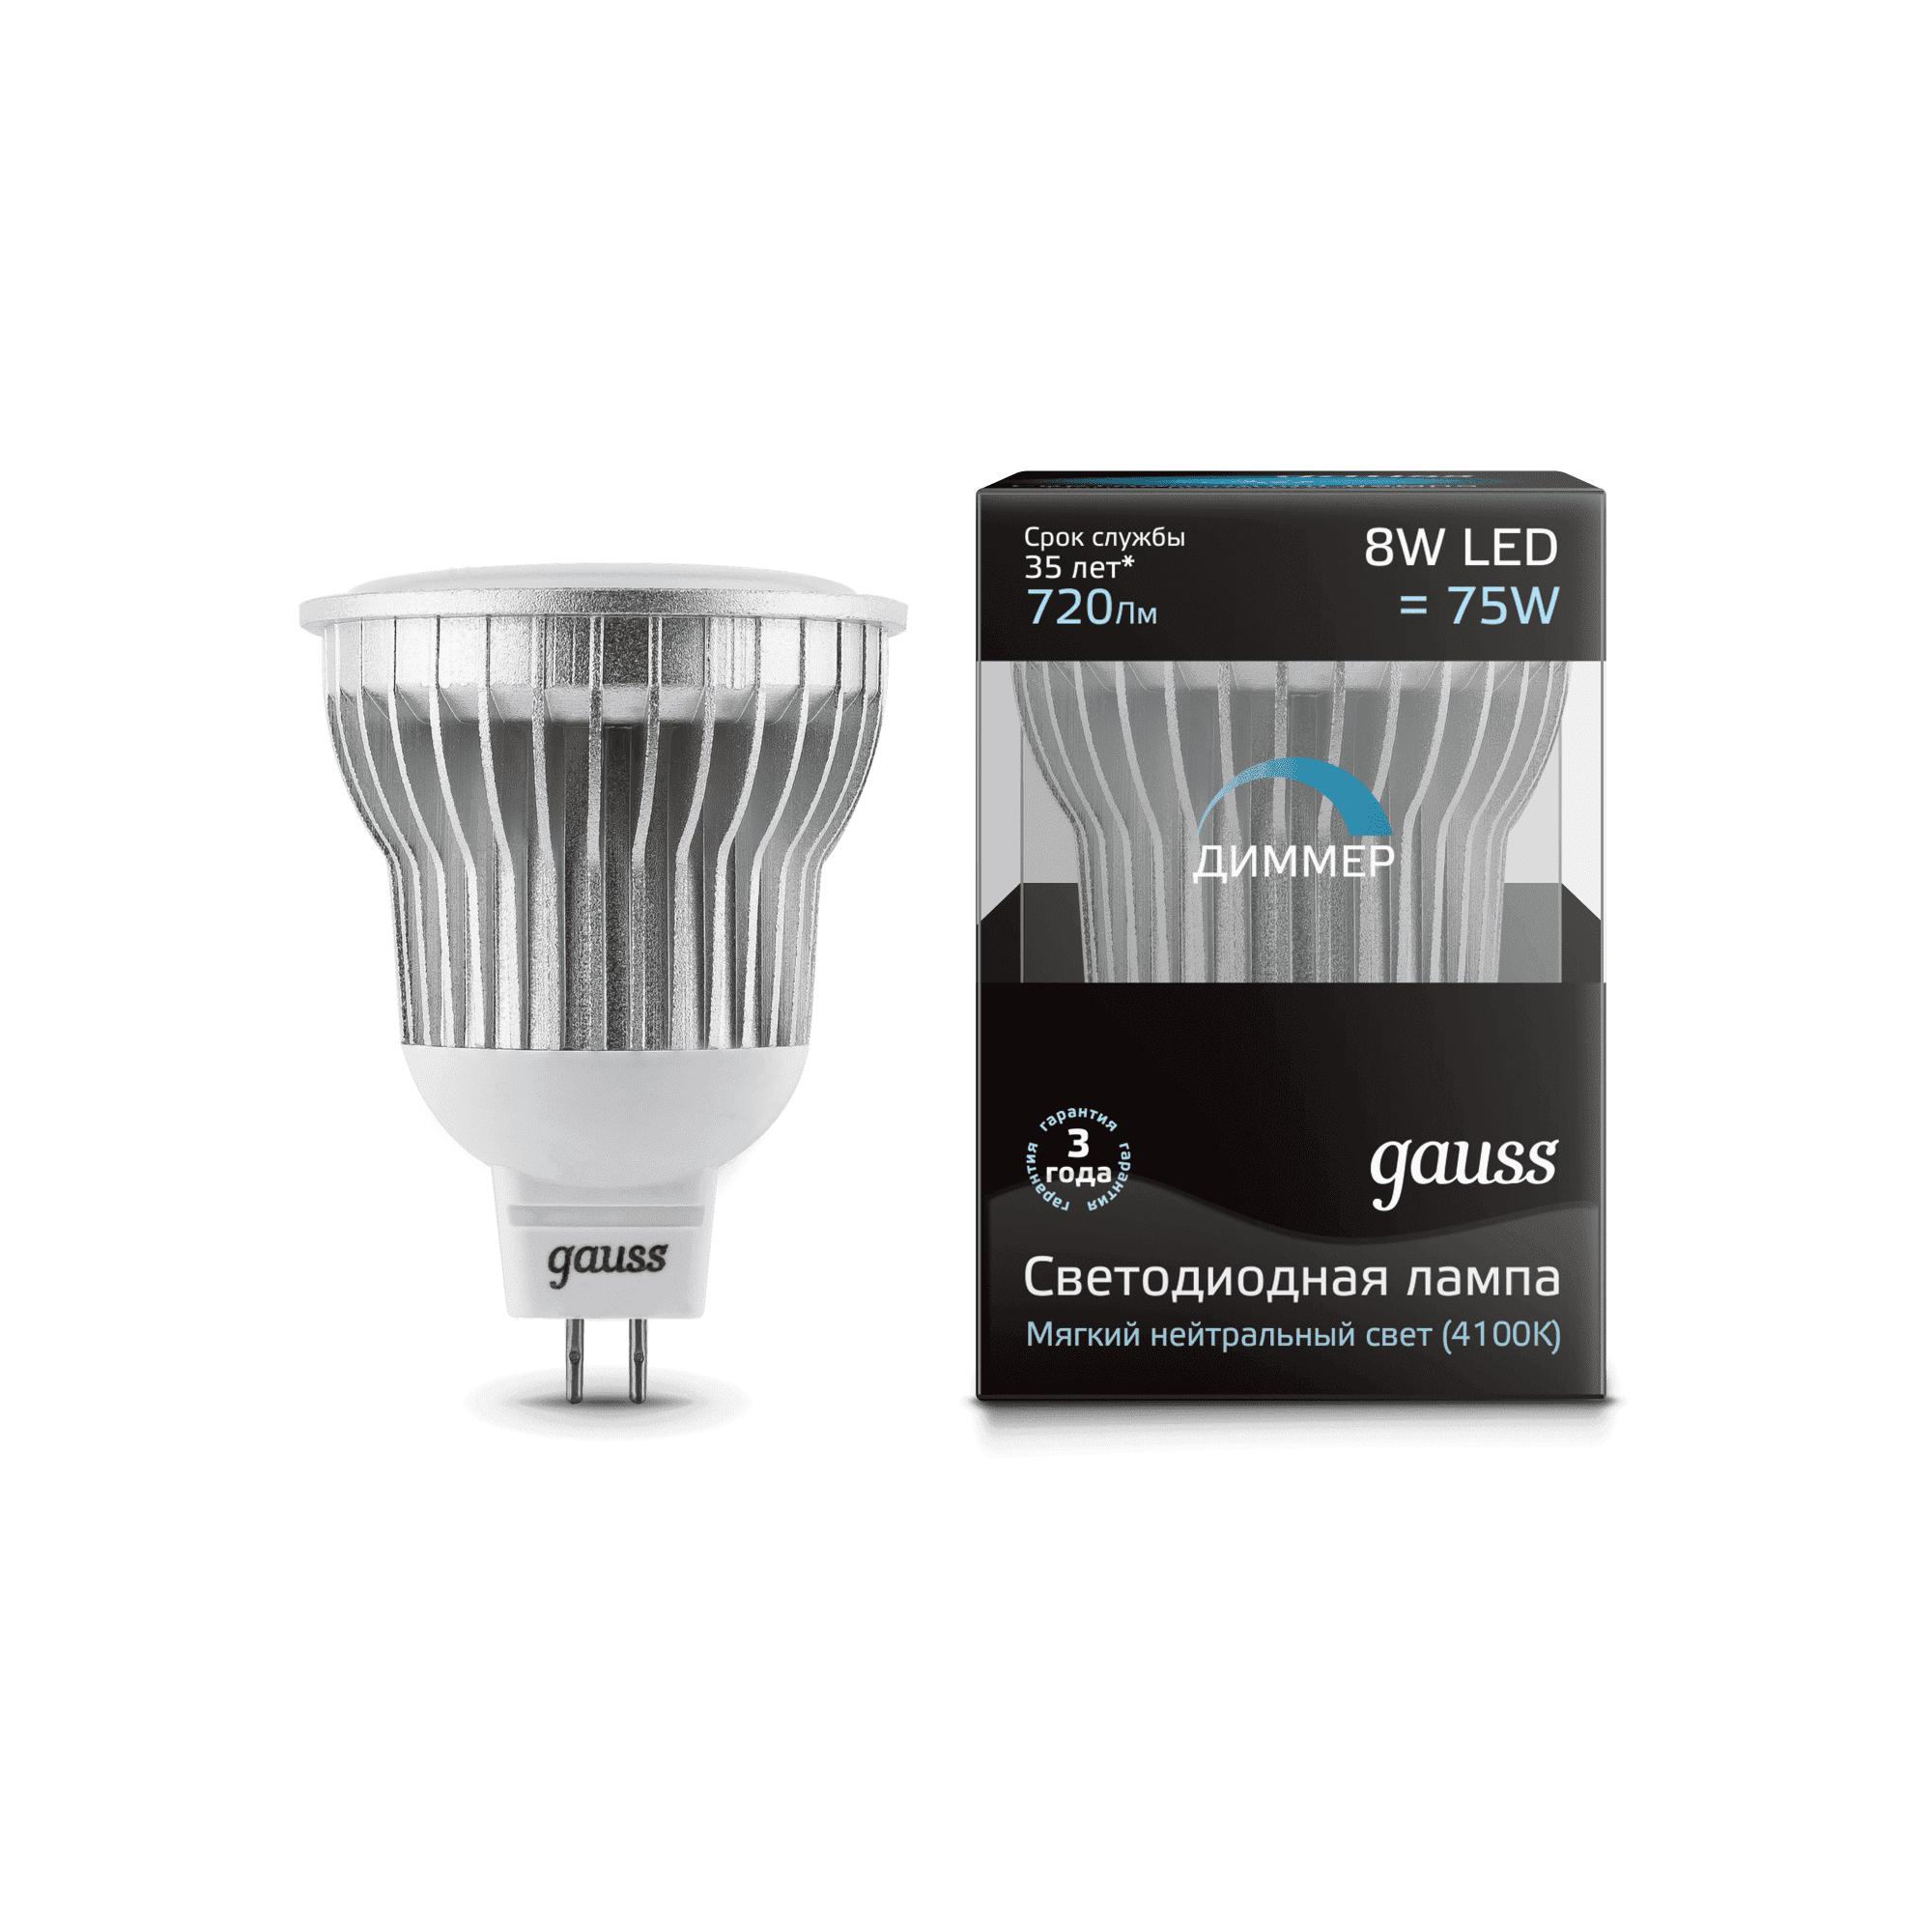 Gauss LED MR16 GU5.3-dim 8W SMD AC220-240V 4100K диммируемая арт. EB101105208-D